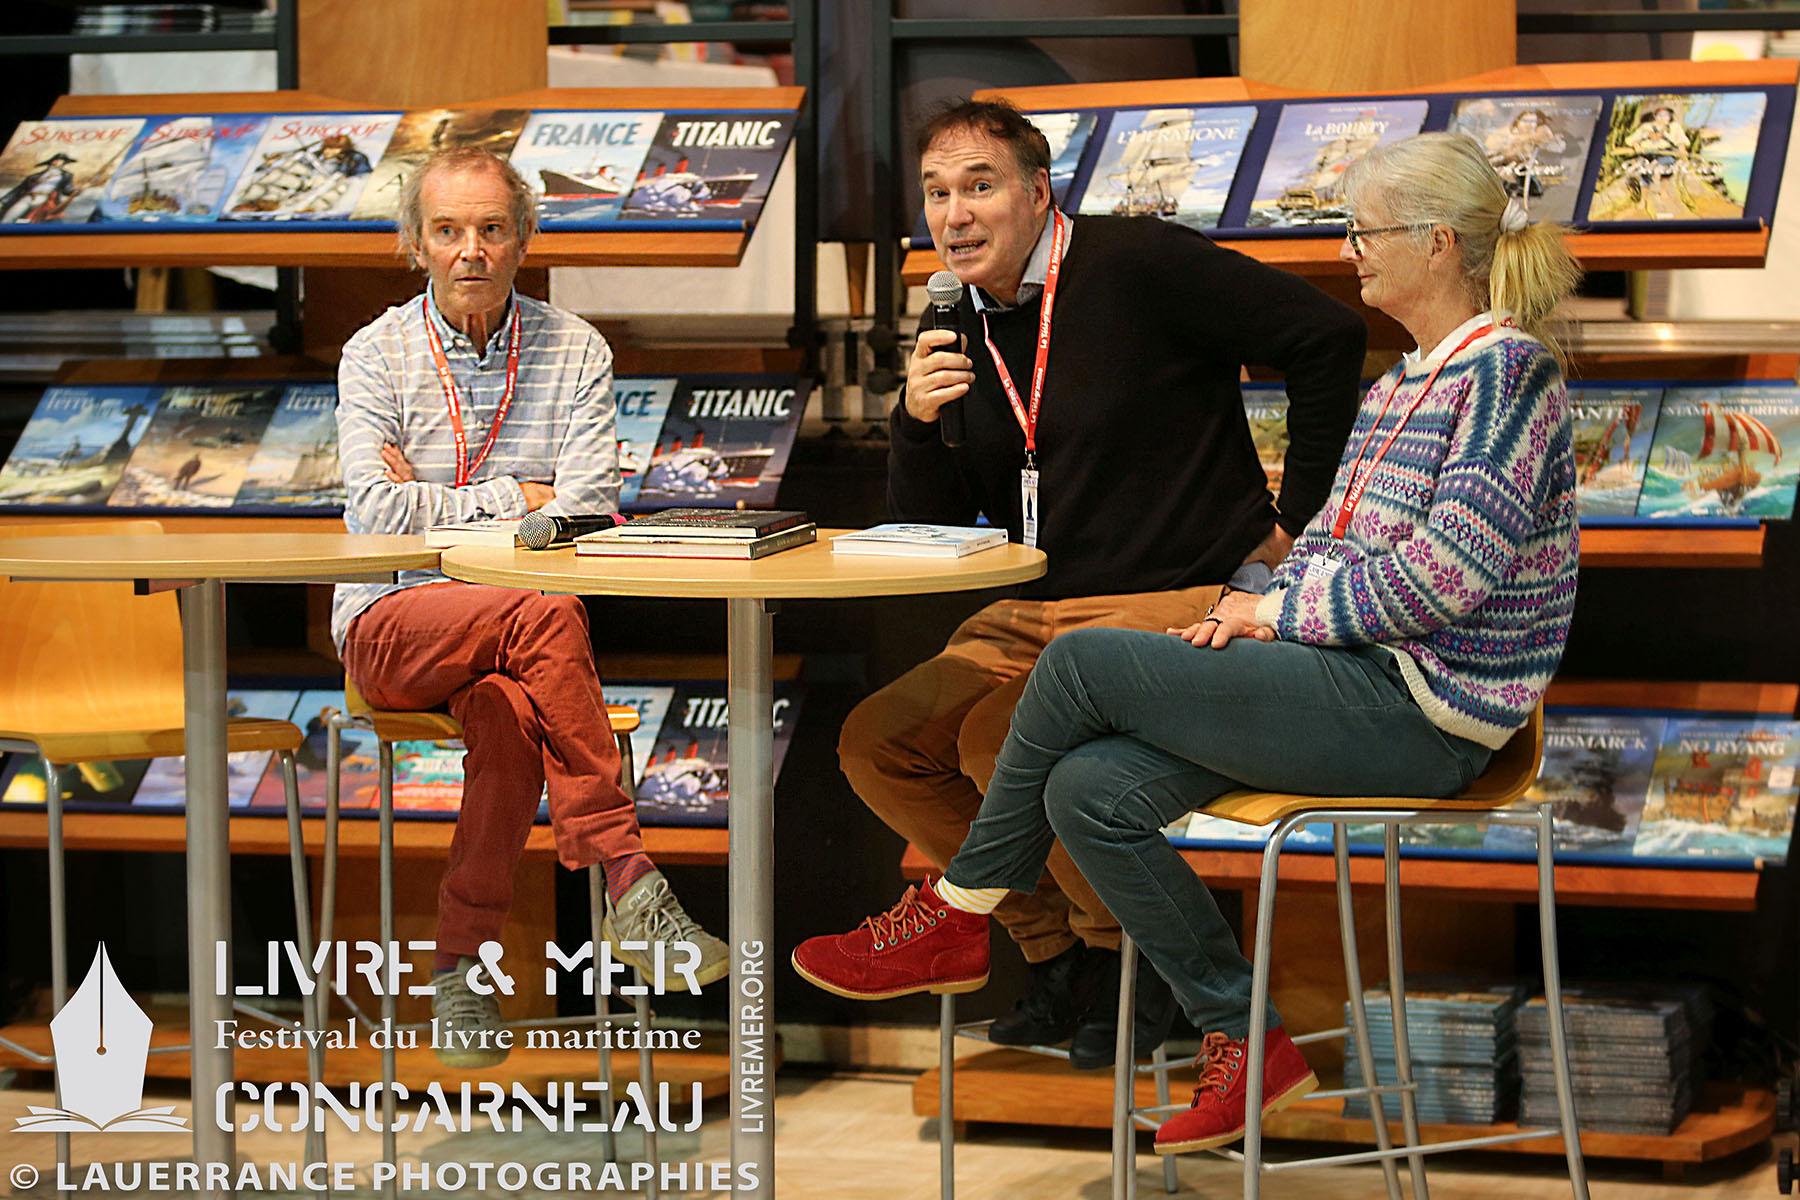 Olivier & Sibylle Le Carrer avec Alain-Gabriel Monot © Lauerrance Photographies